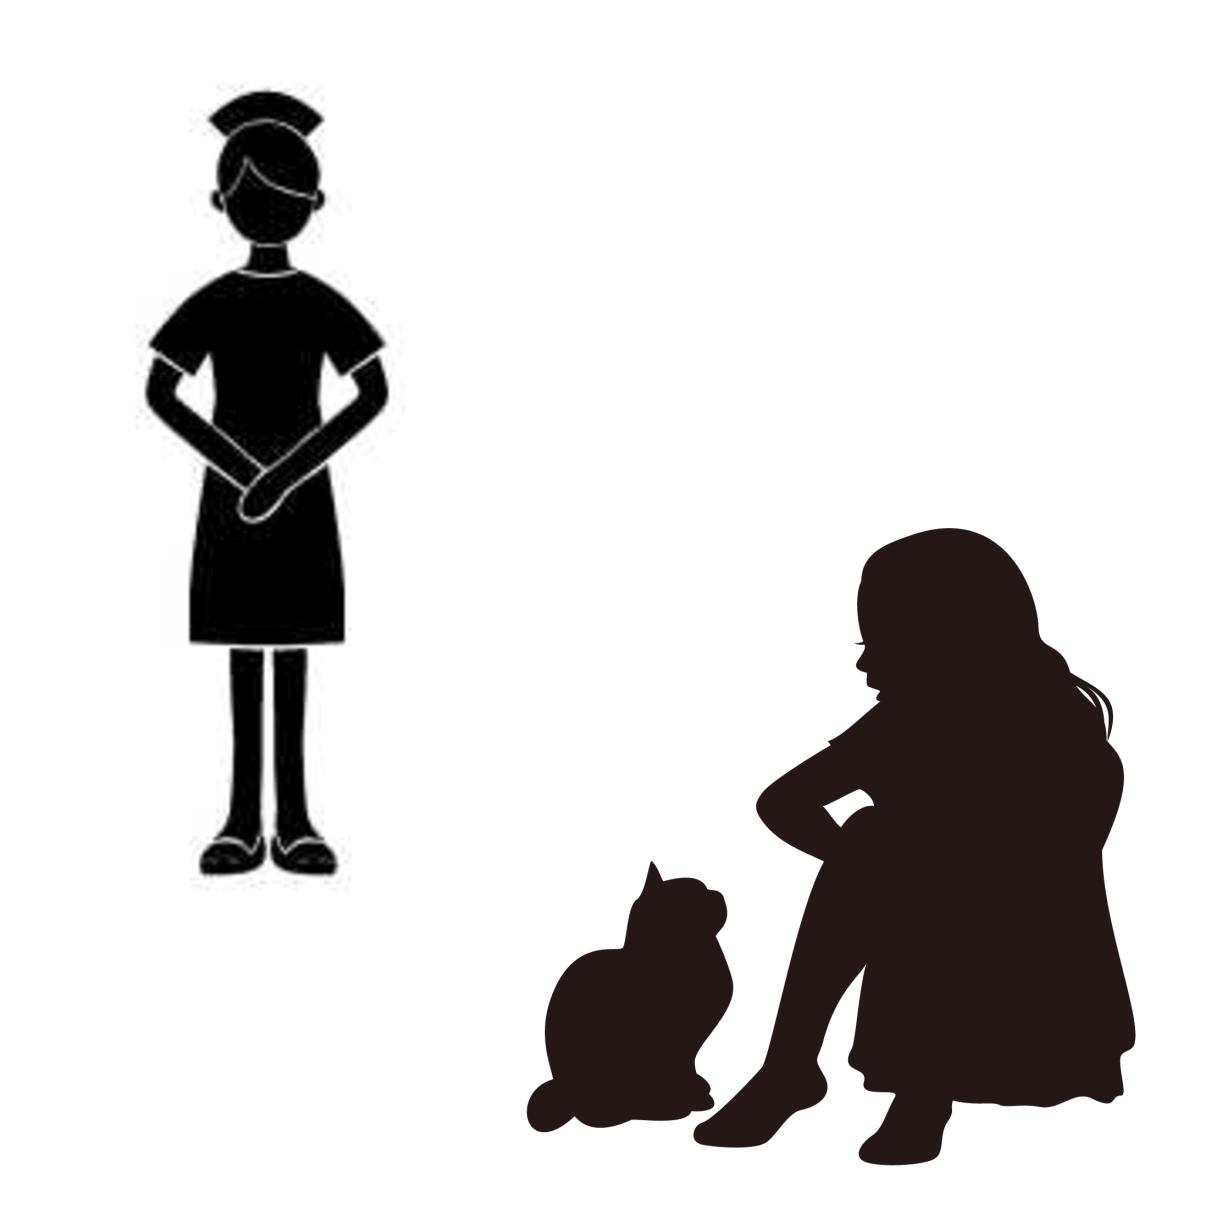 ケアテイカー(世話役)とプラケーター(慰め役)の違いを表すイメージ